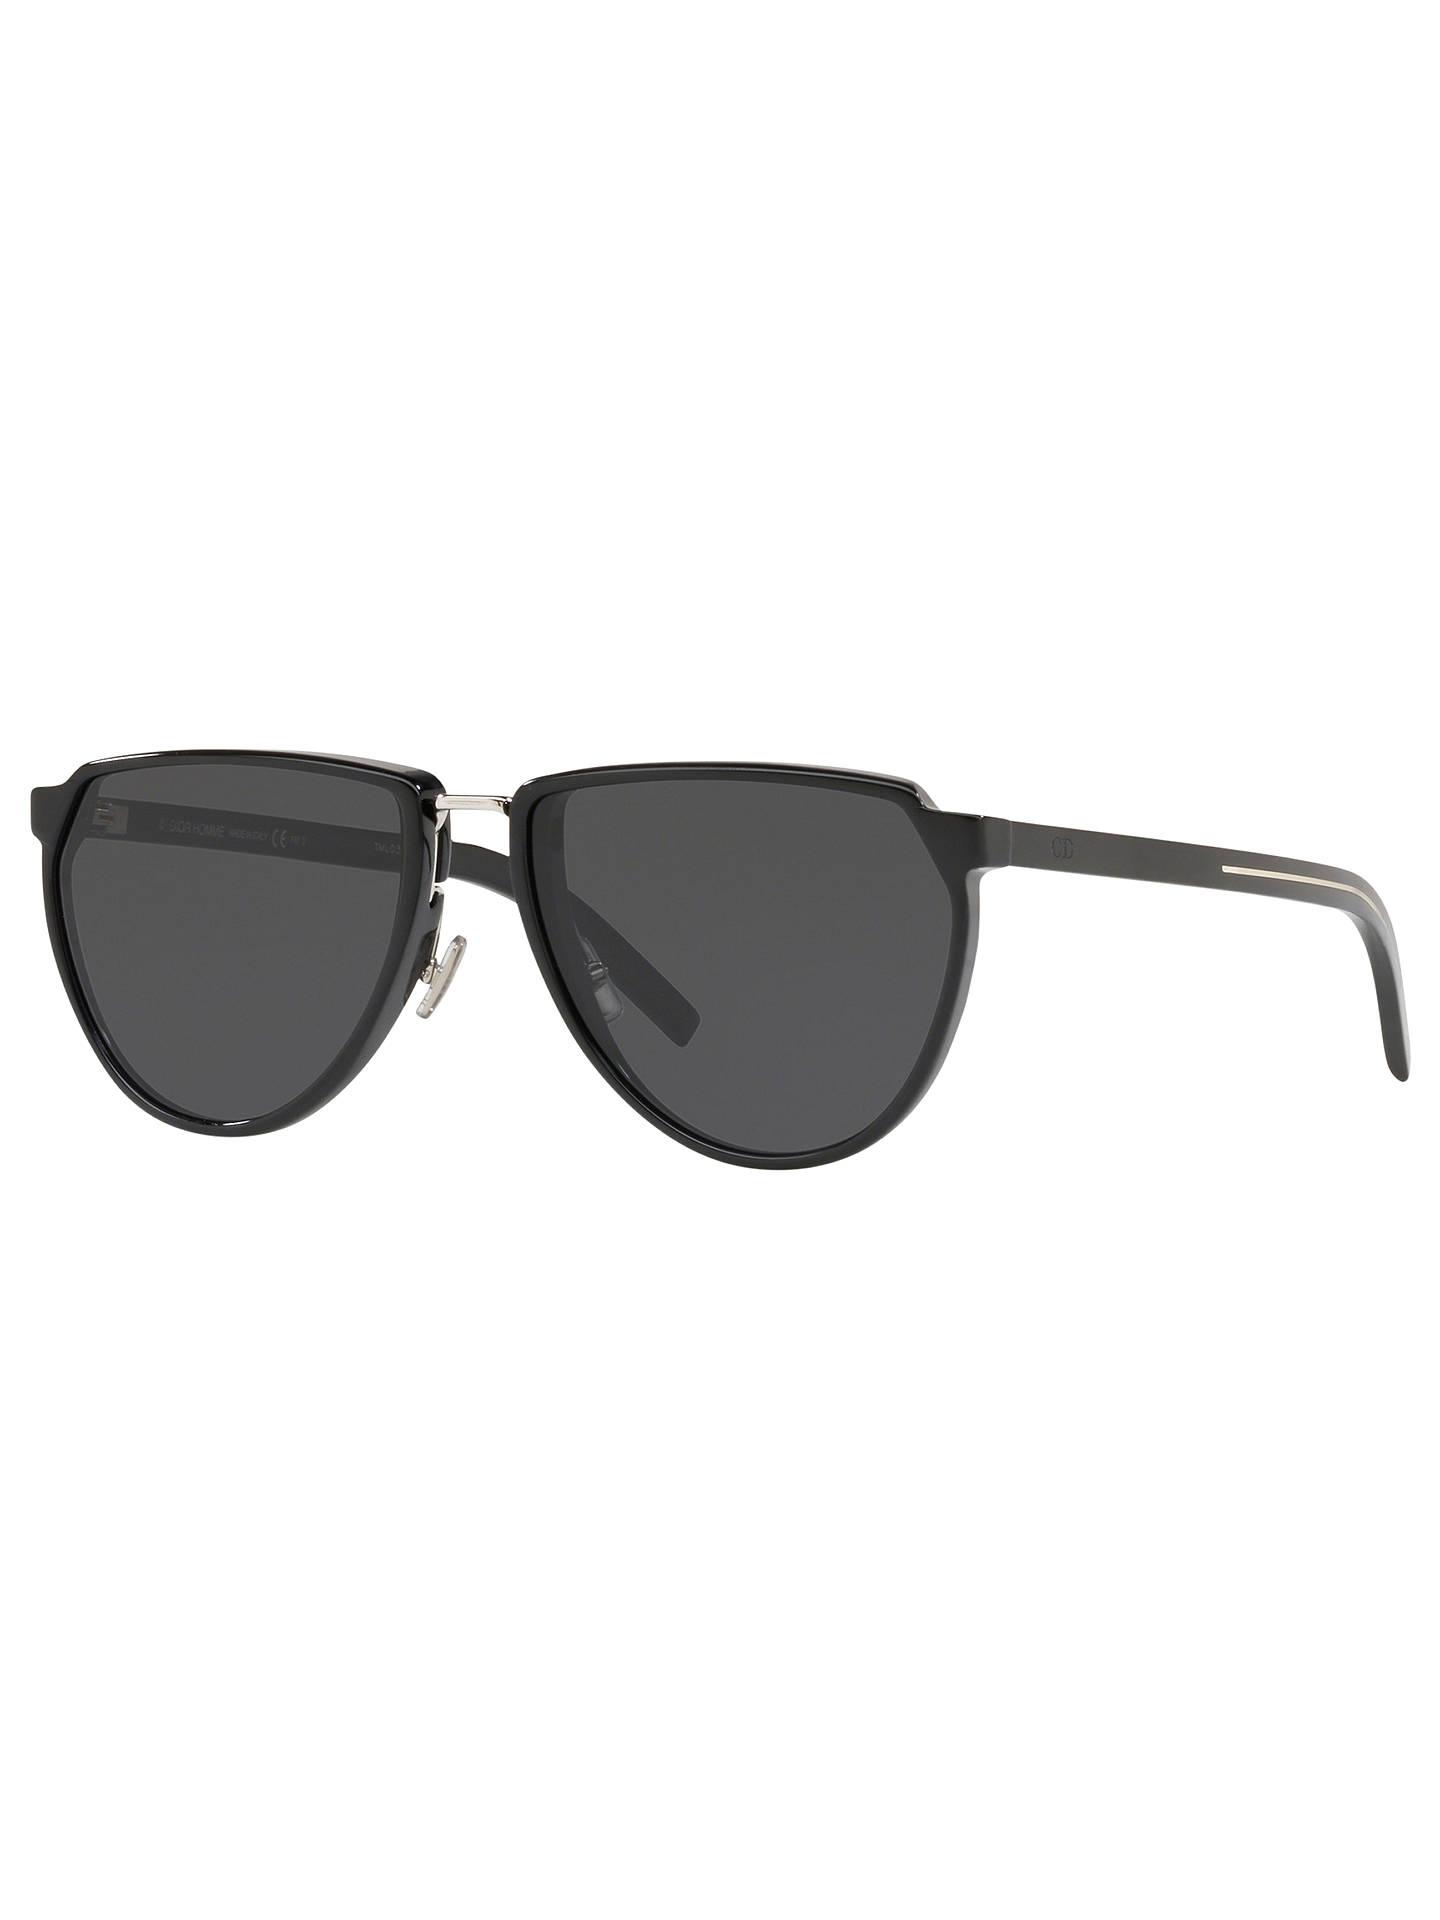 932c9b354351e Buy Dior Men s BlackTie248S Oval Sunglasses